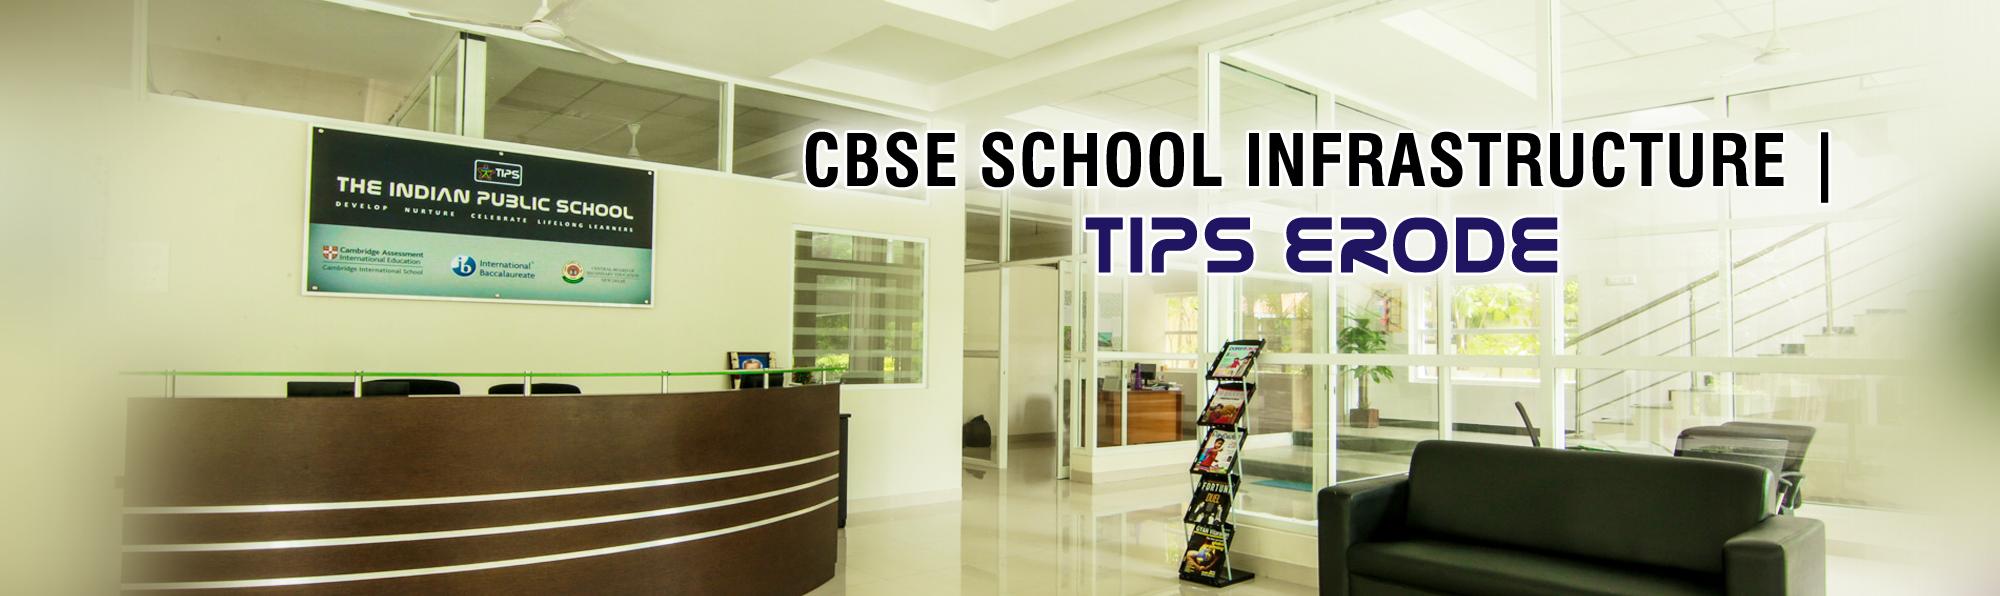 CBSE SCHOOL INFRASTRUCTURE TIPS ERODE